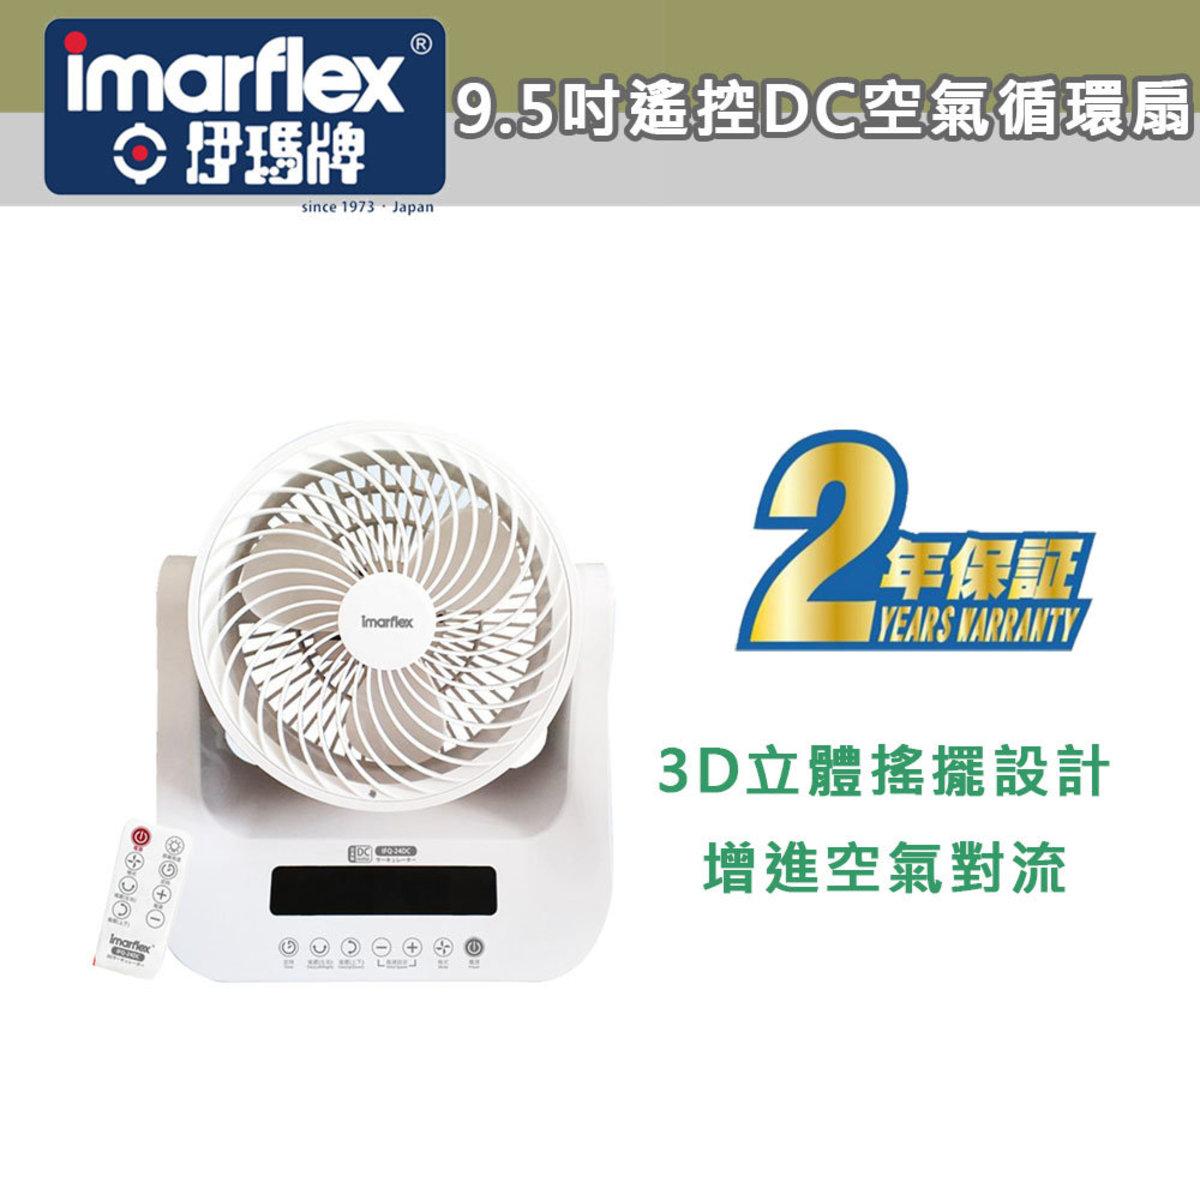 9.5吋遙控DC空氣循環扇 - IFQ-24DC